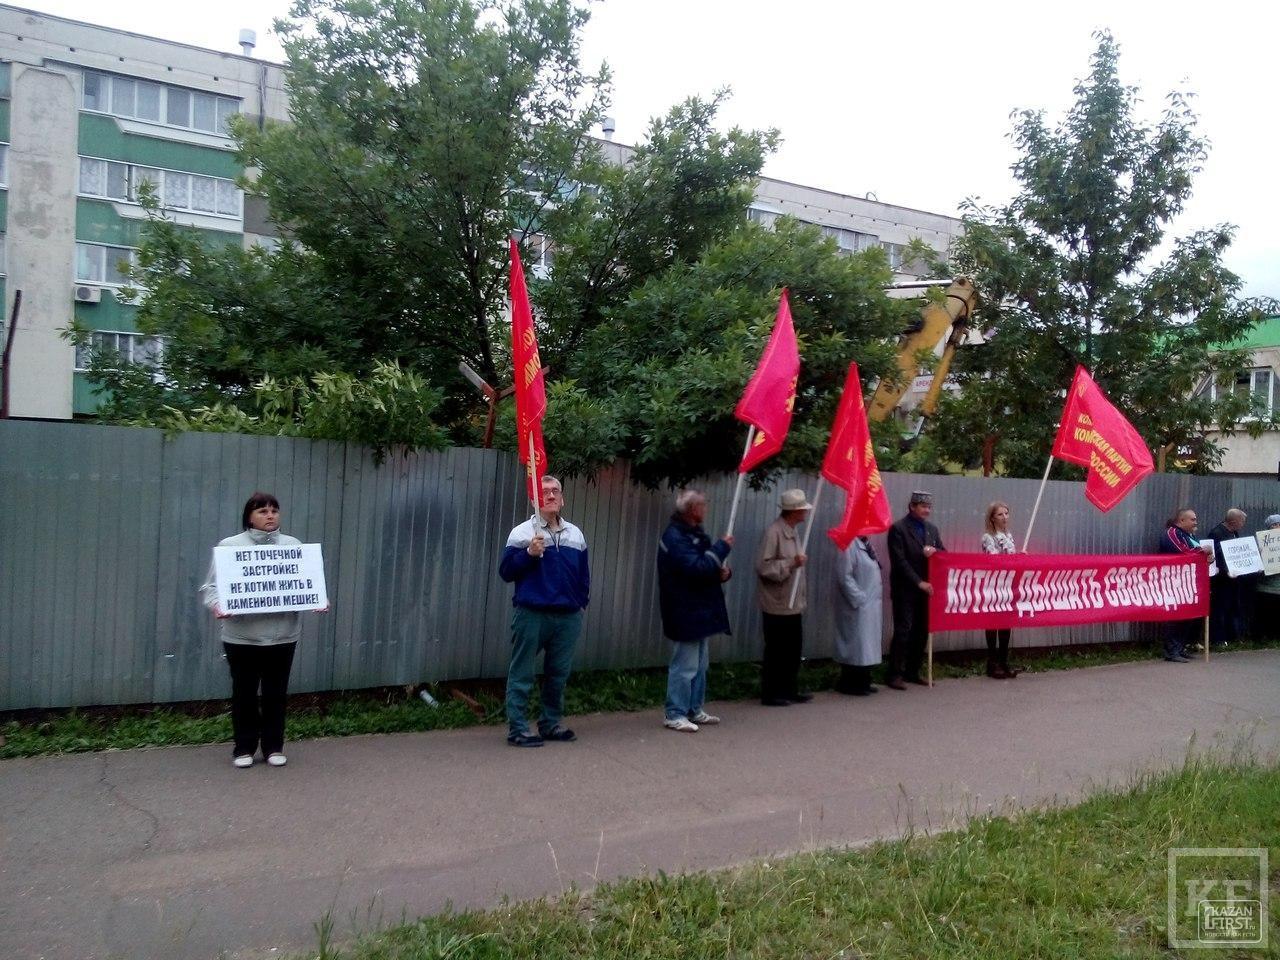 Перед выборами в Госдуму партии все чаще участвуют и организуют акции протеста, не связанные с политикой